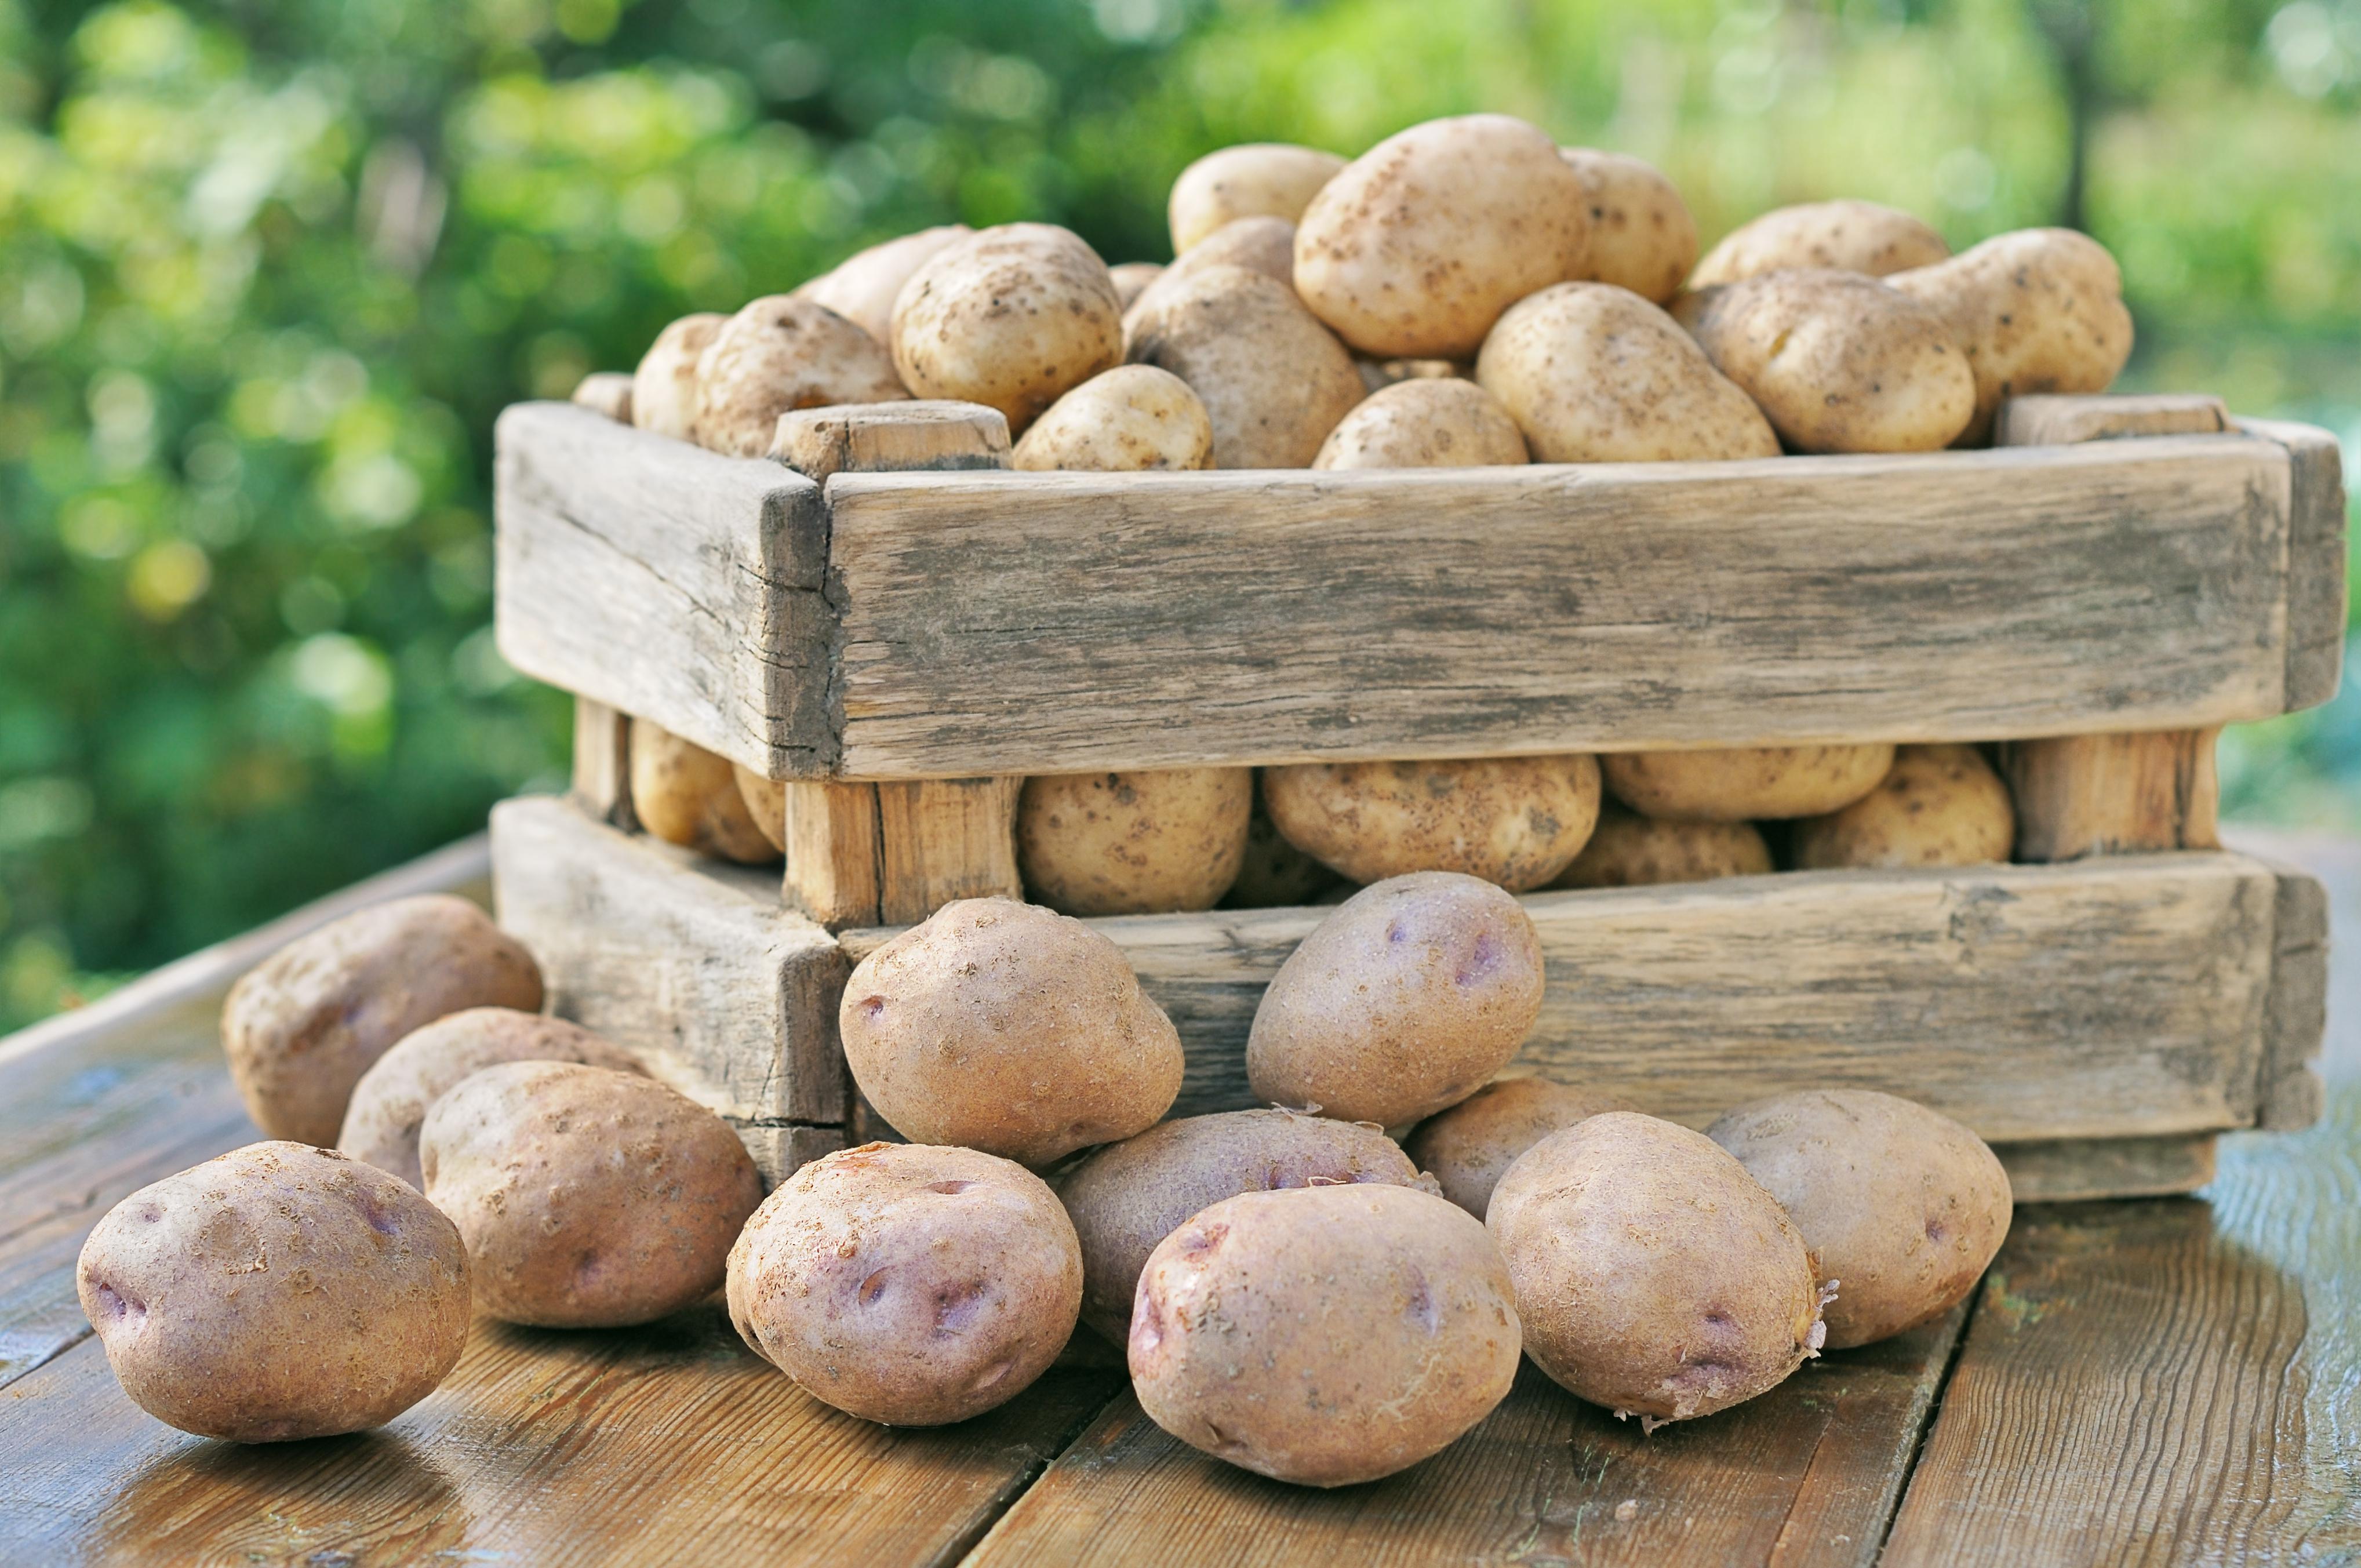 Etwas Neues genug Kartoffeln richtig lagern | seitenbacher.de #AI_85